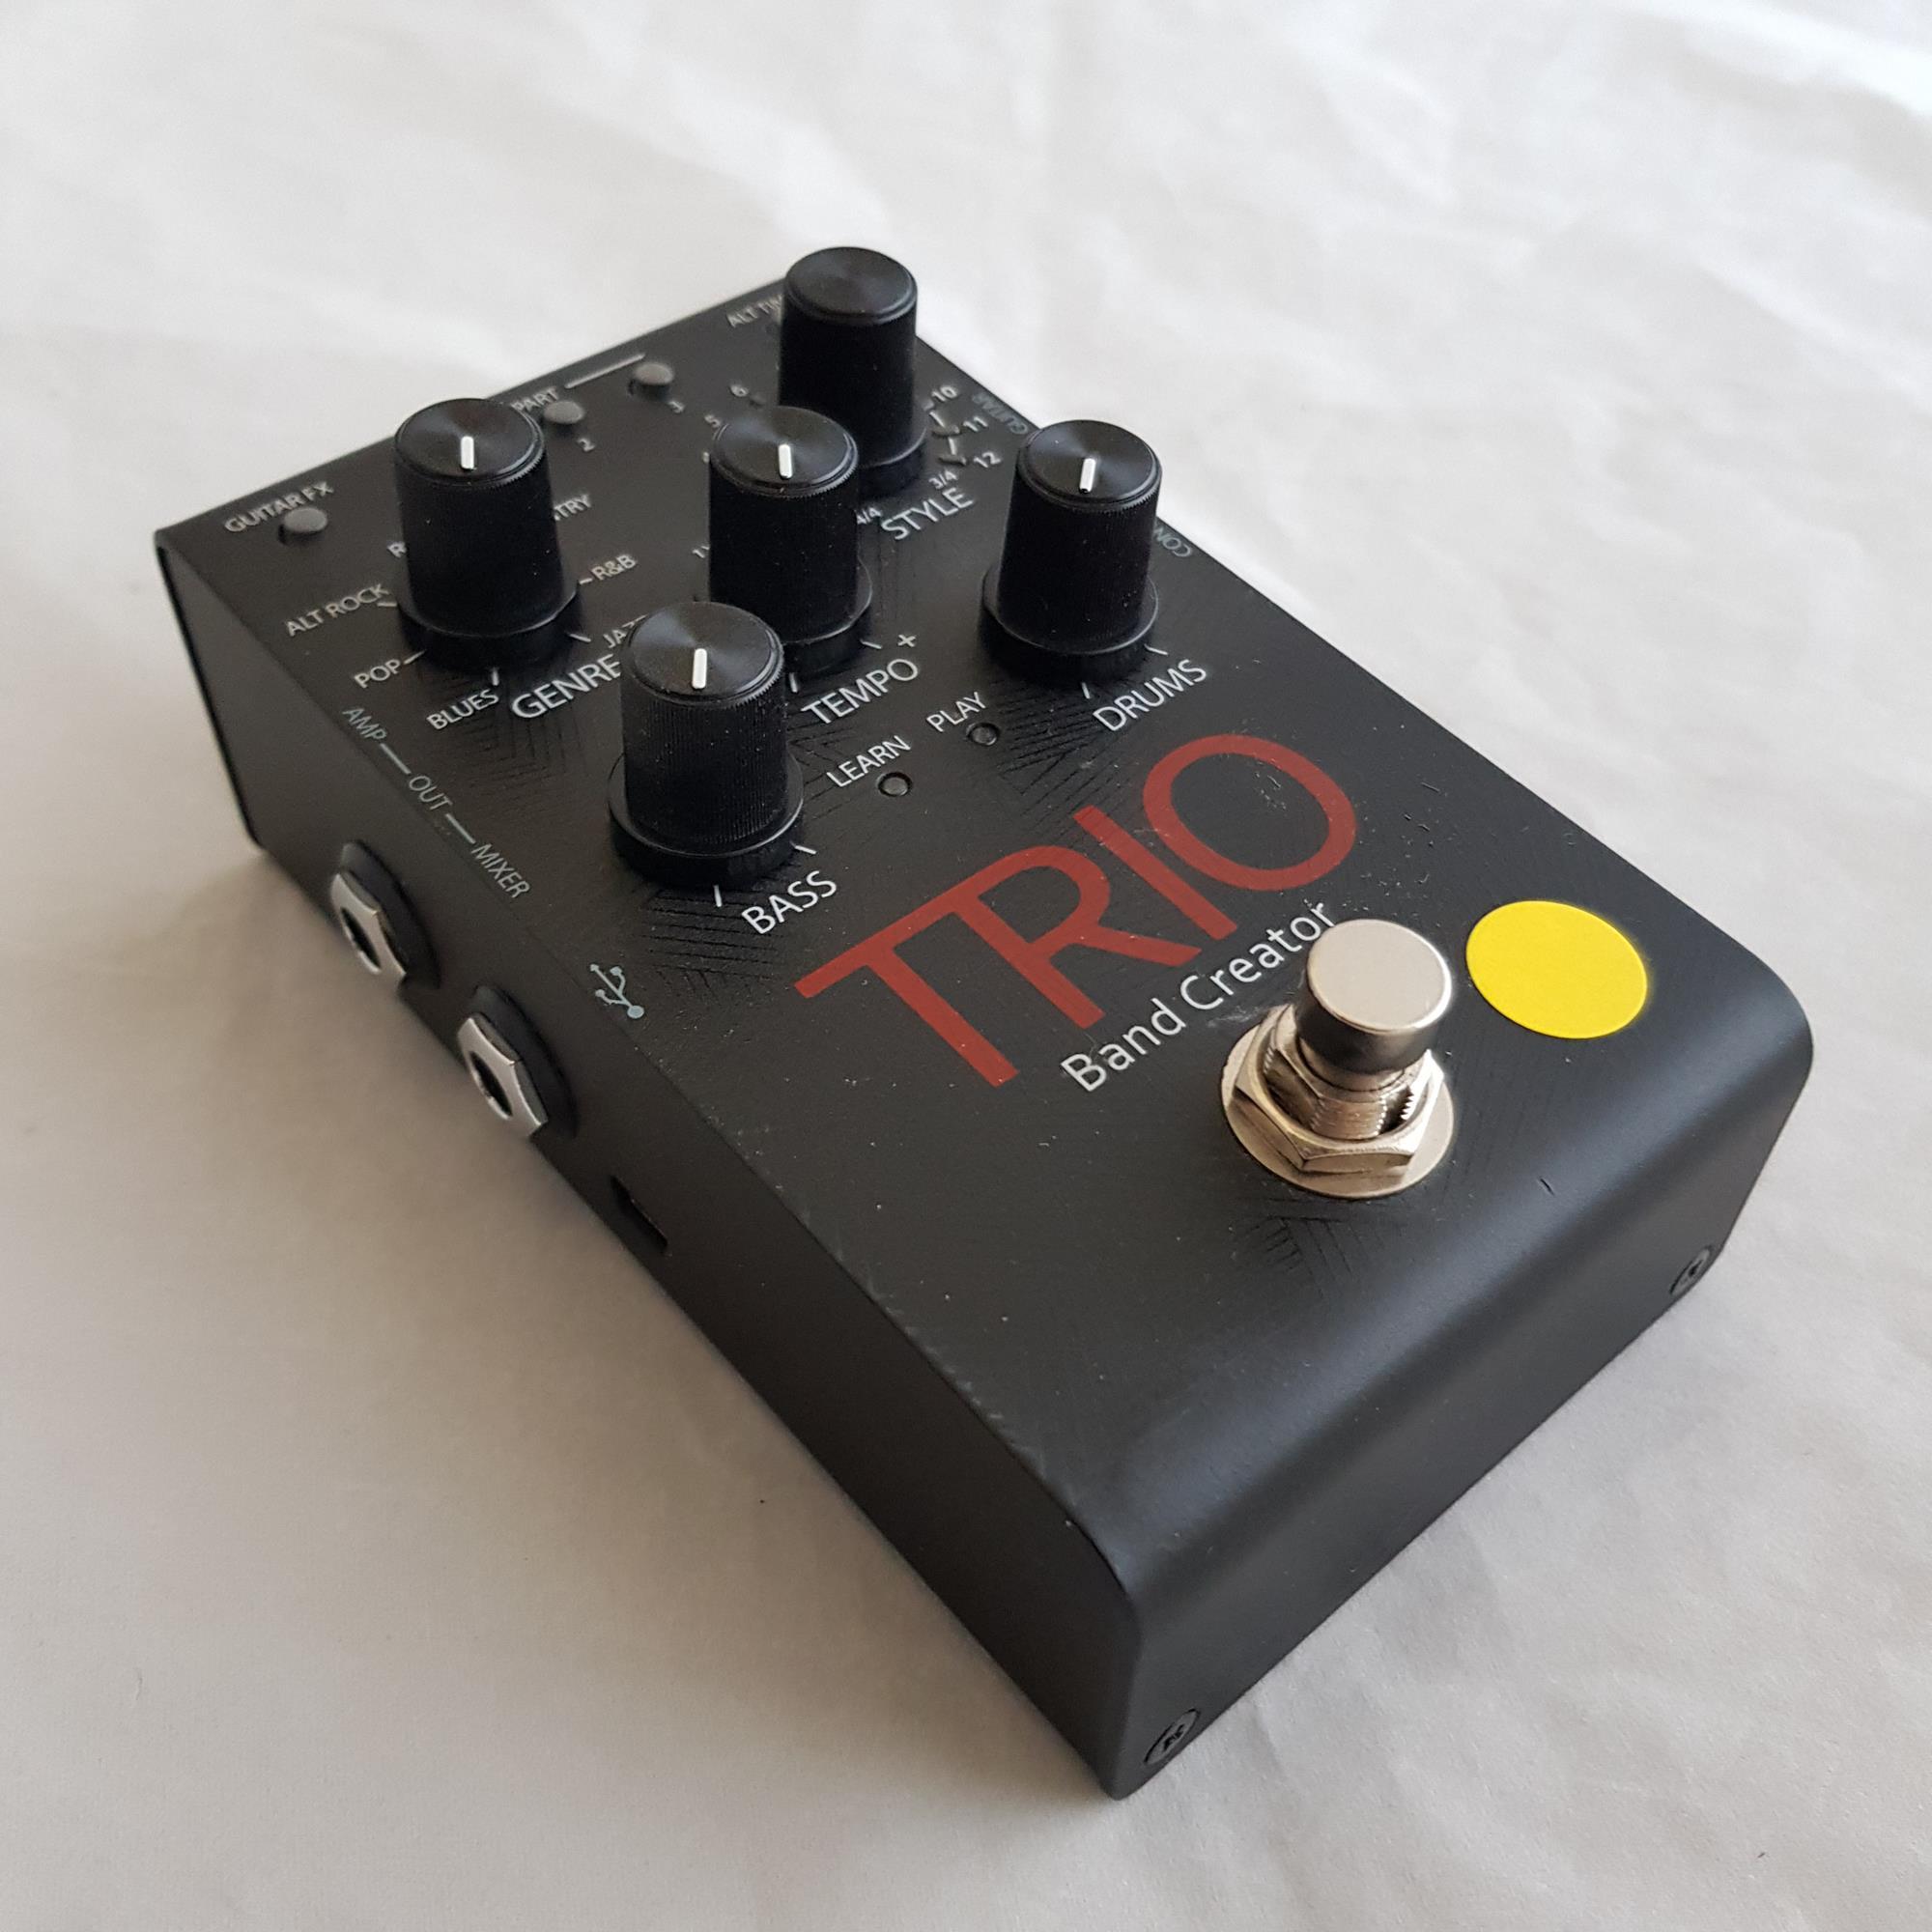 DIGITECH-TRIO-sku-1632565378958